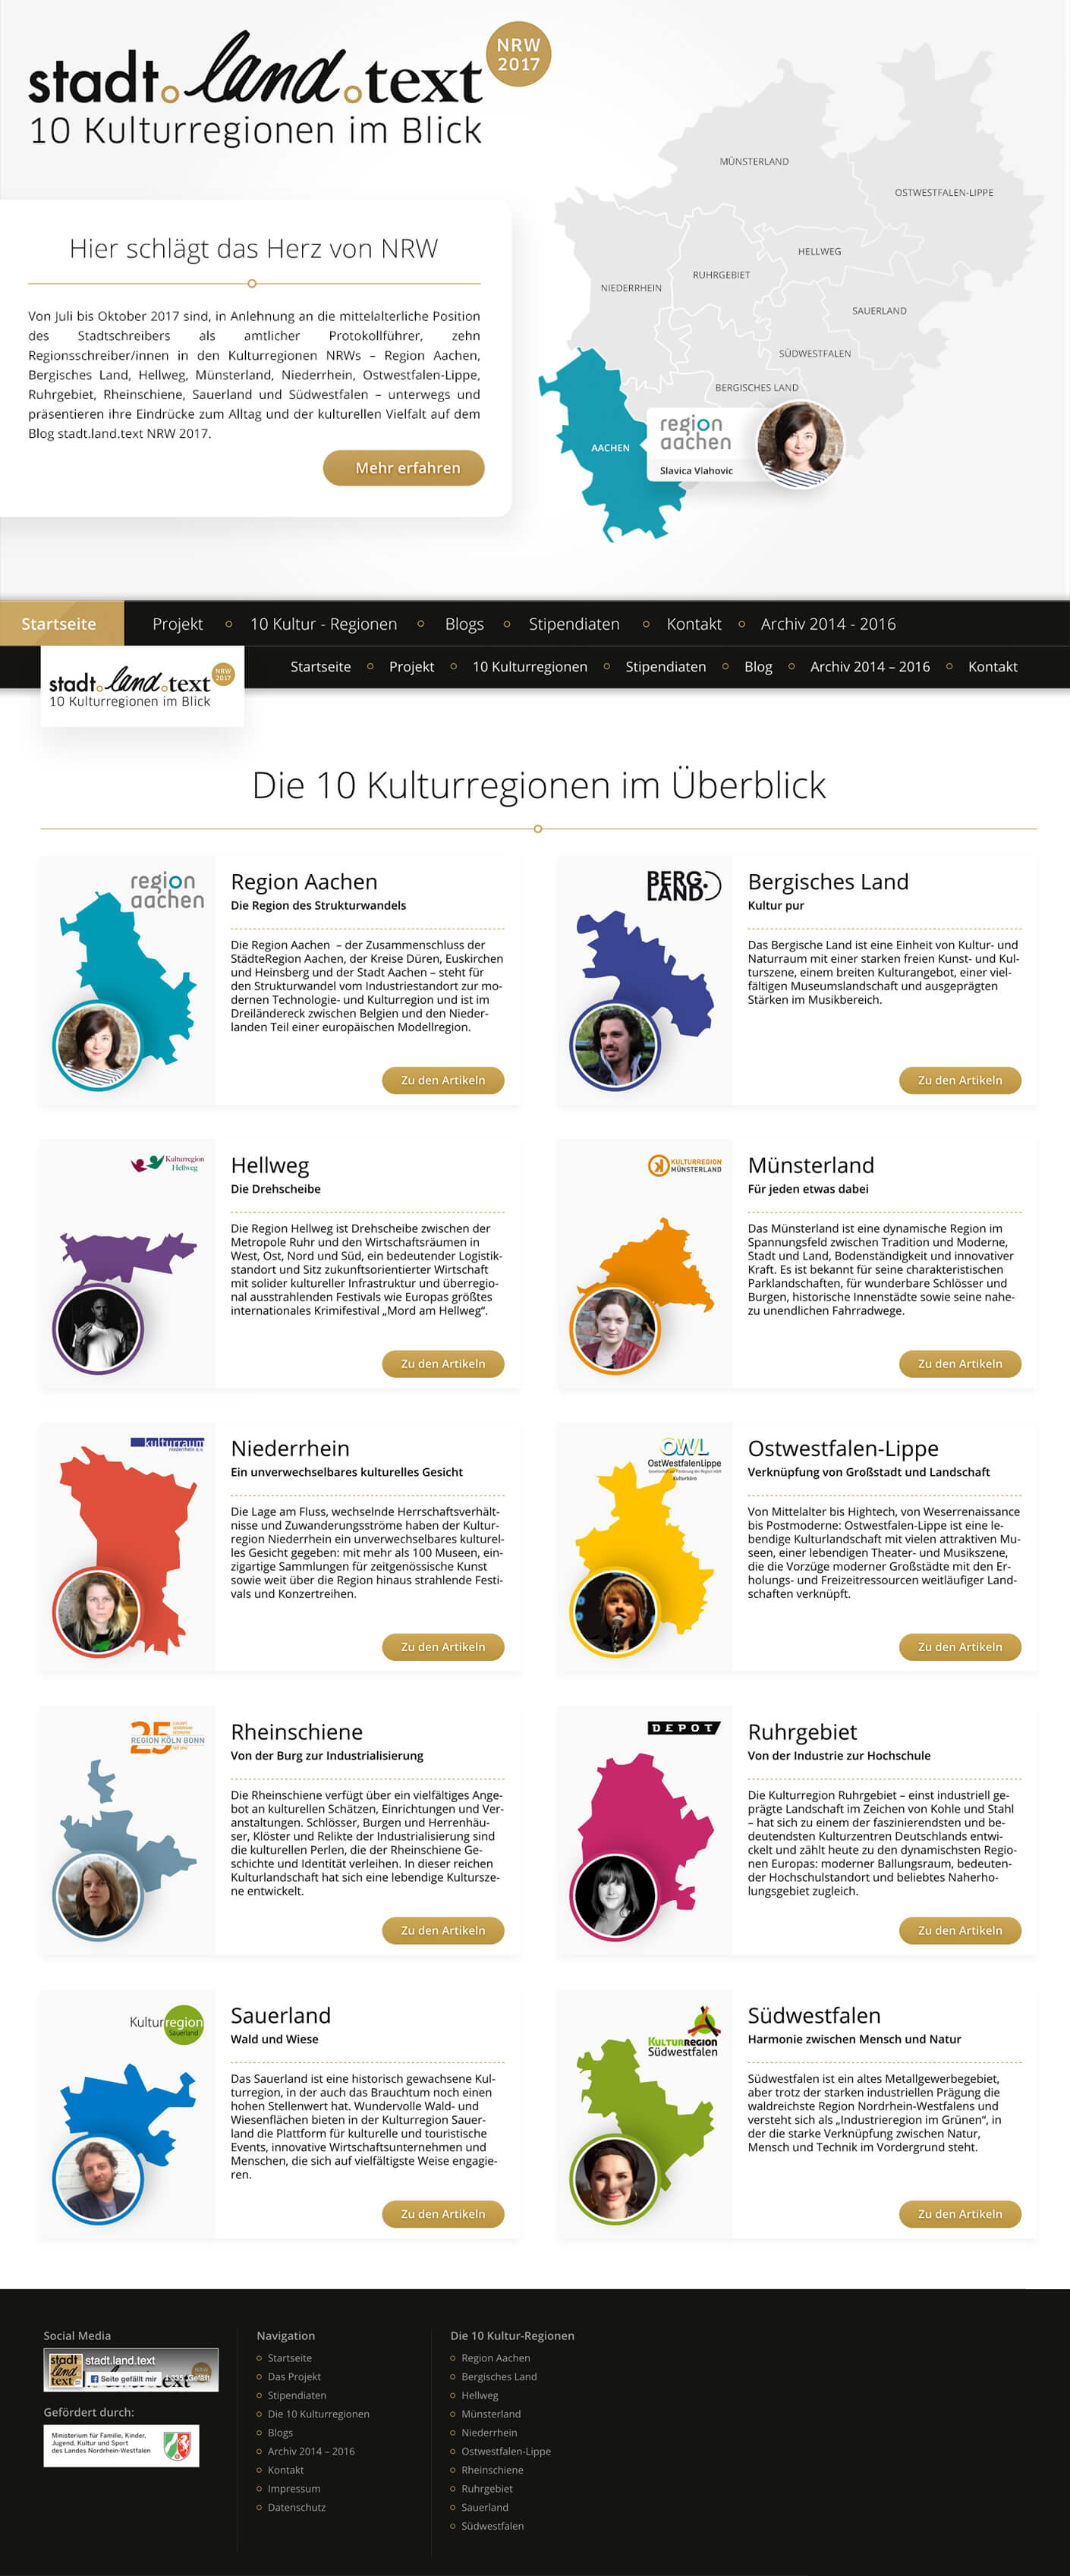 Webdesign von www.stadt-land-text.de